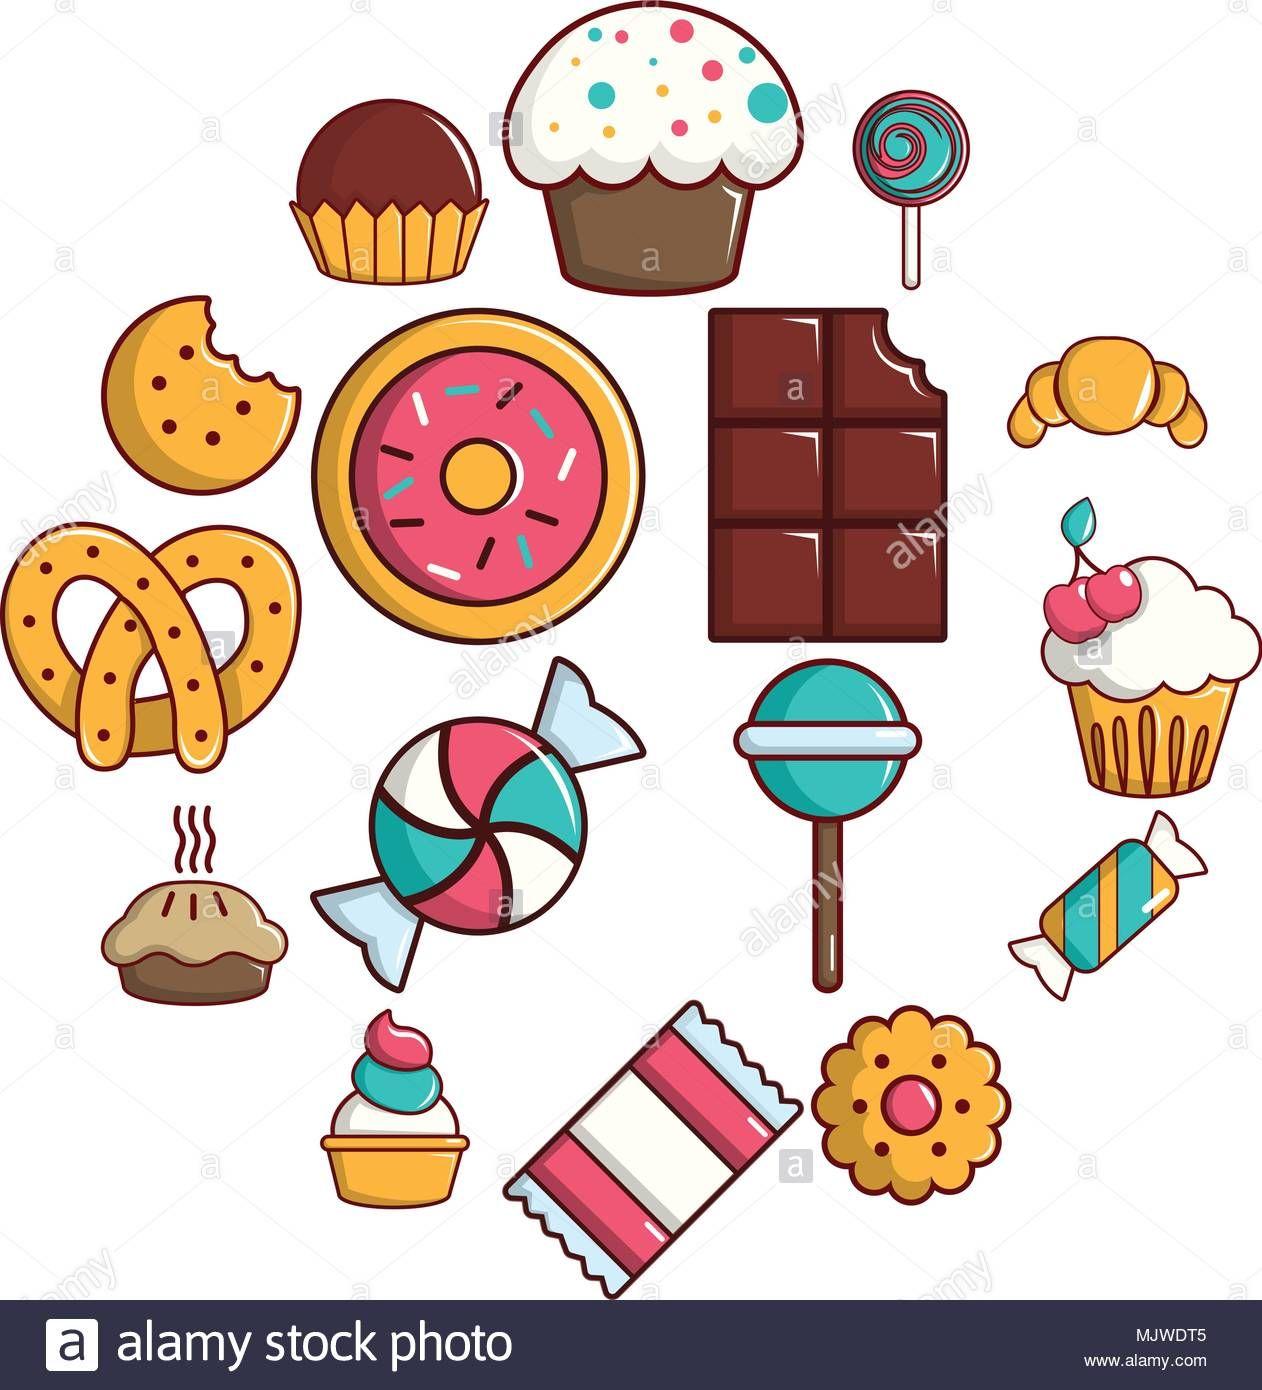 Descargar Este Vector Dulces Tartas De Golosinas Conjunto De Iconos De Estilo De Dibujos Animados Mjwdt5 De La Bi Dibujos Dulces Dibujos Dibujos De Colores